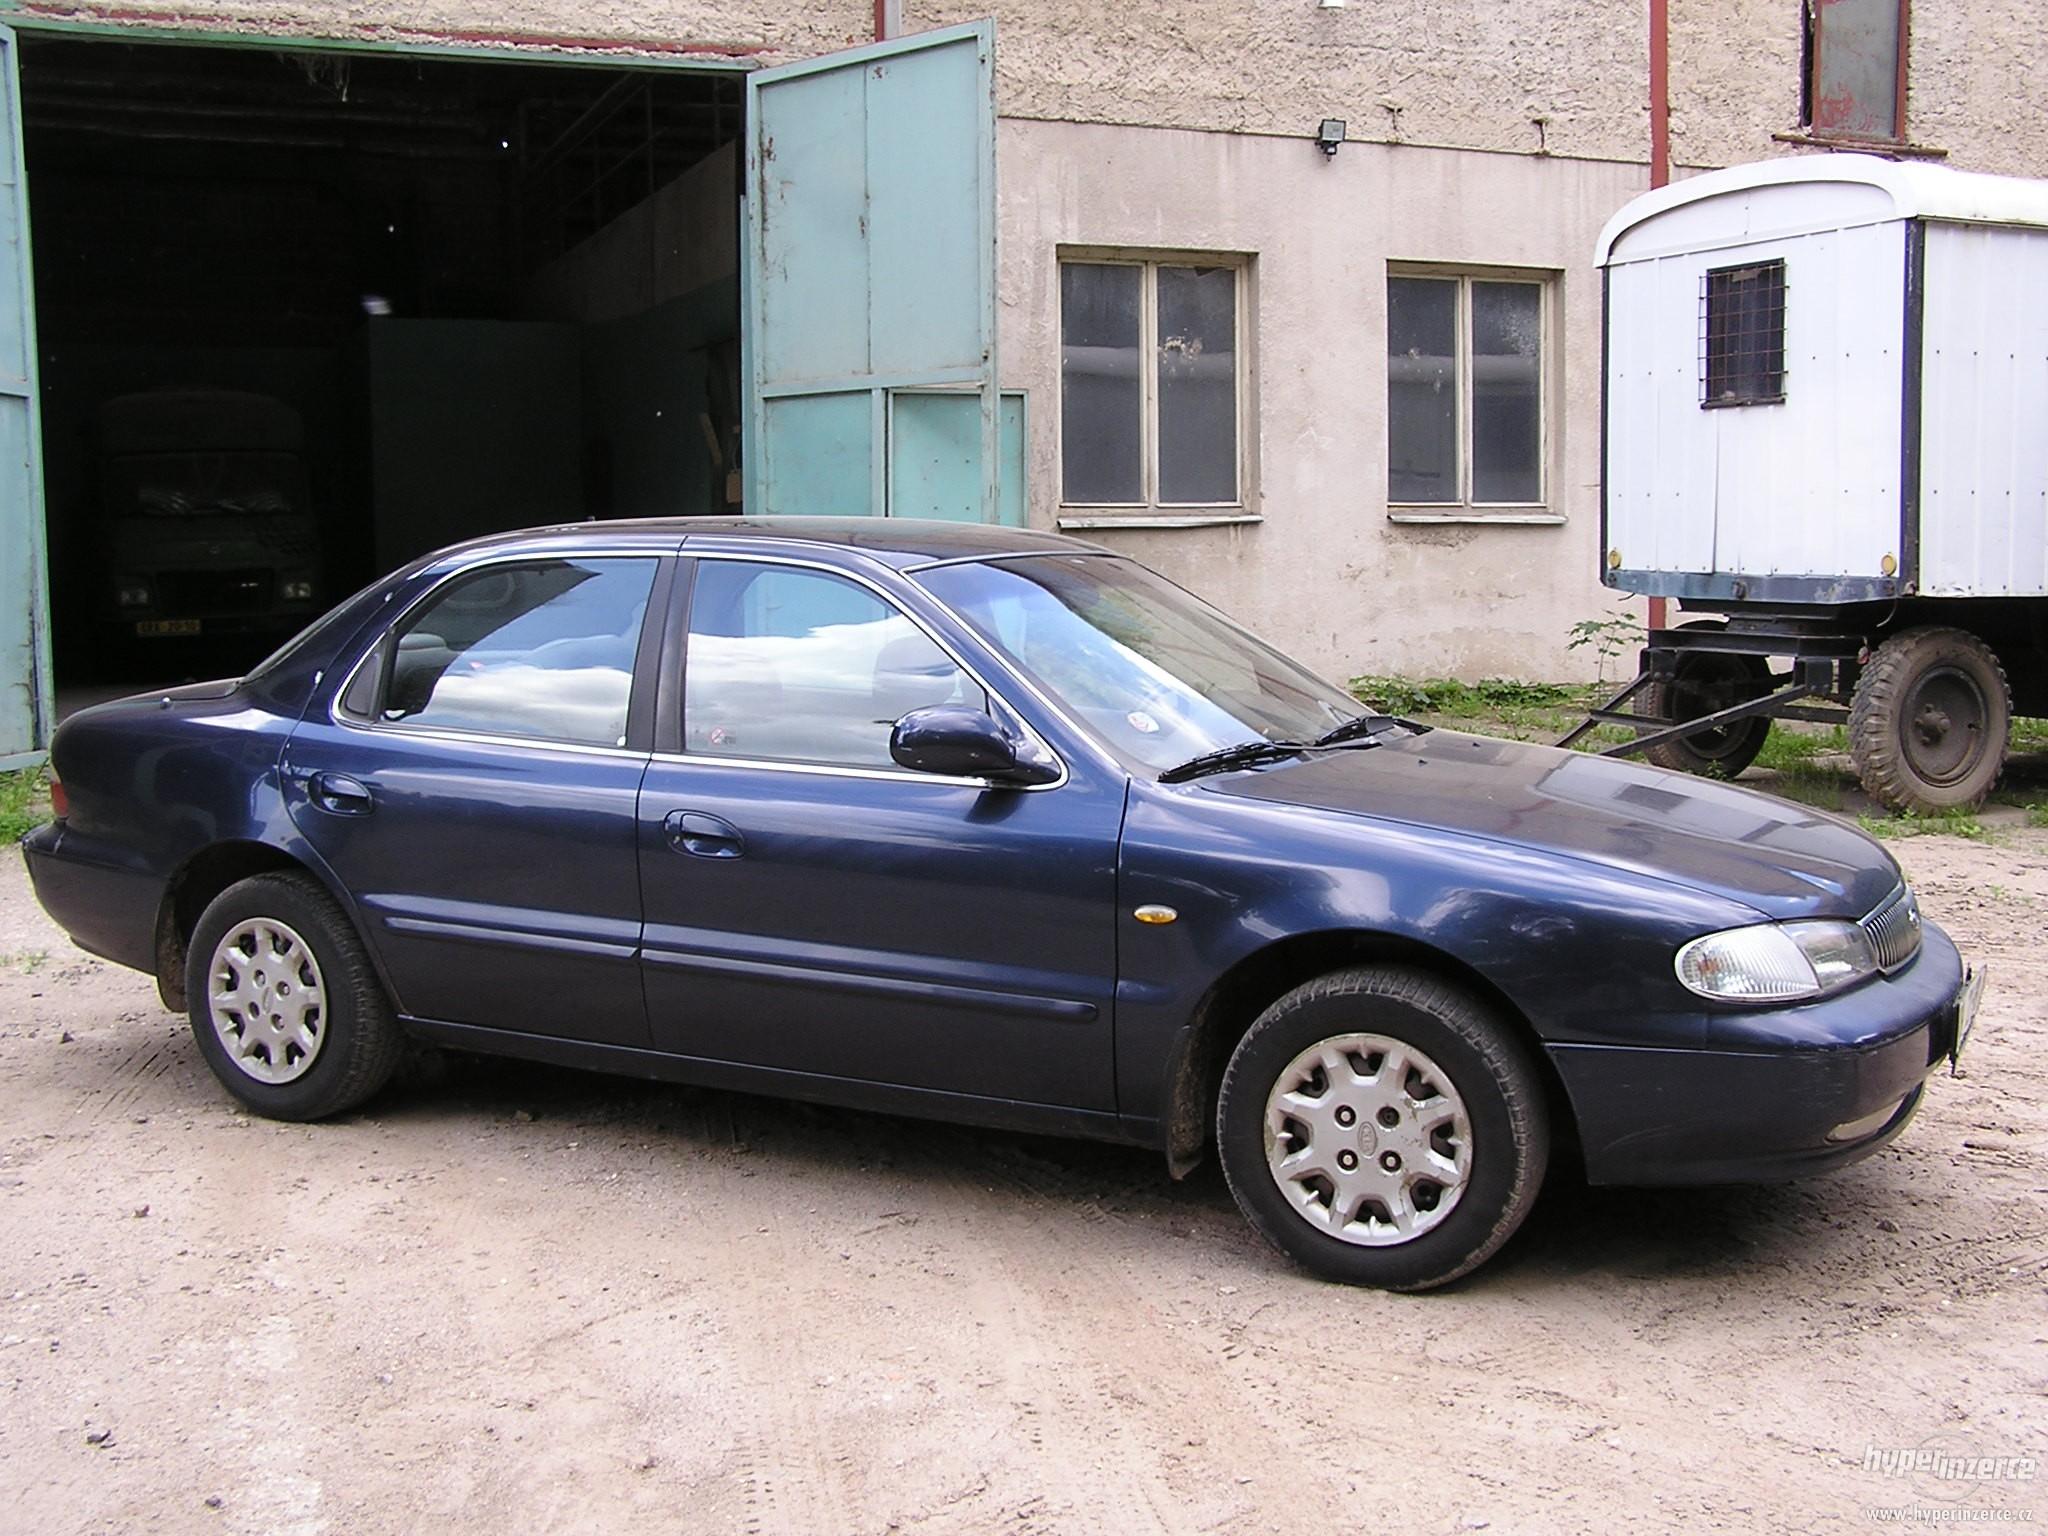 Kia Clarus II 1998 - 2001 Station wagon 5 door #4